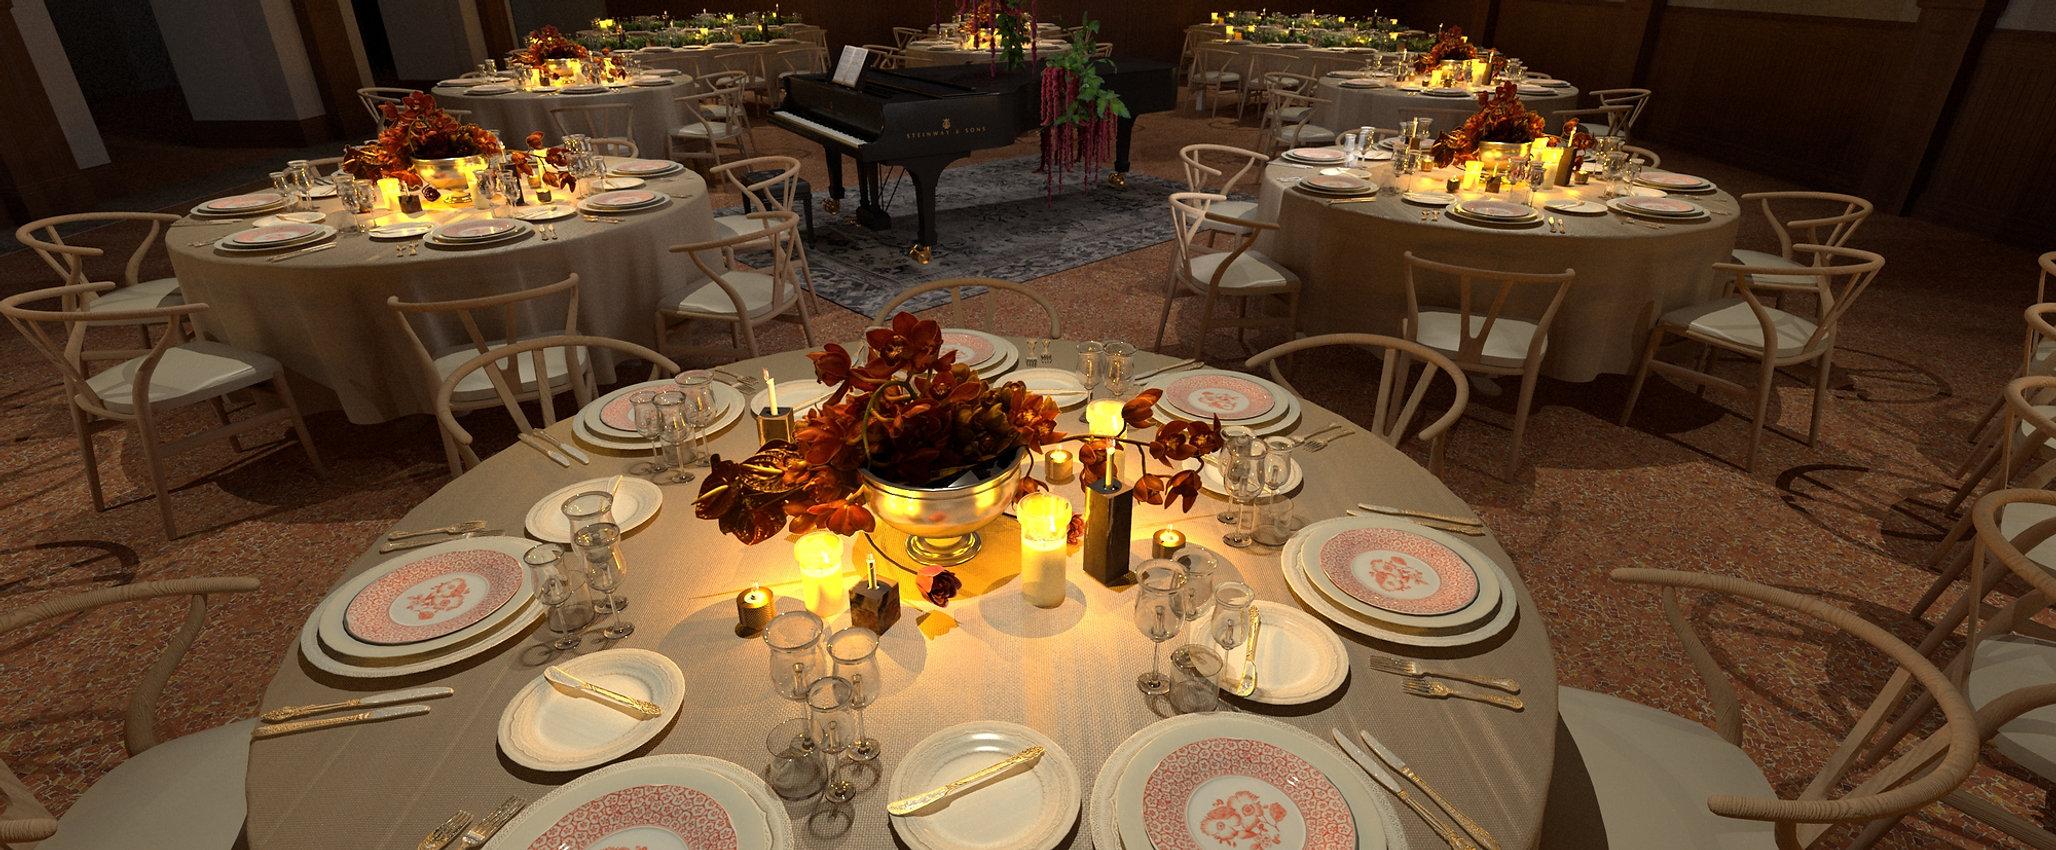 Dining Room Oct 7 1230pm 3.jpg